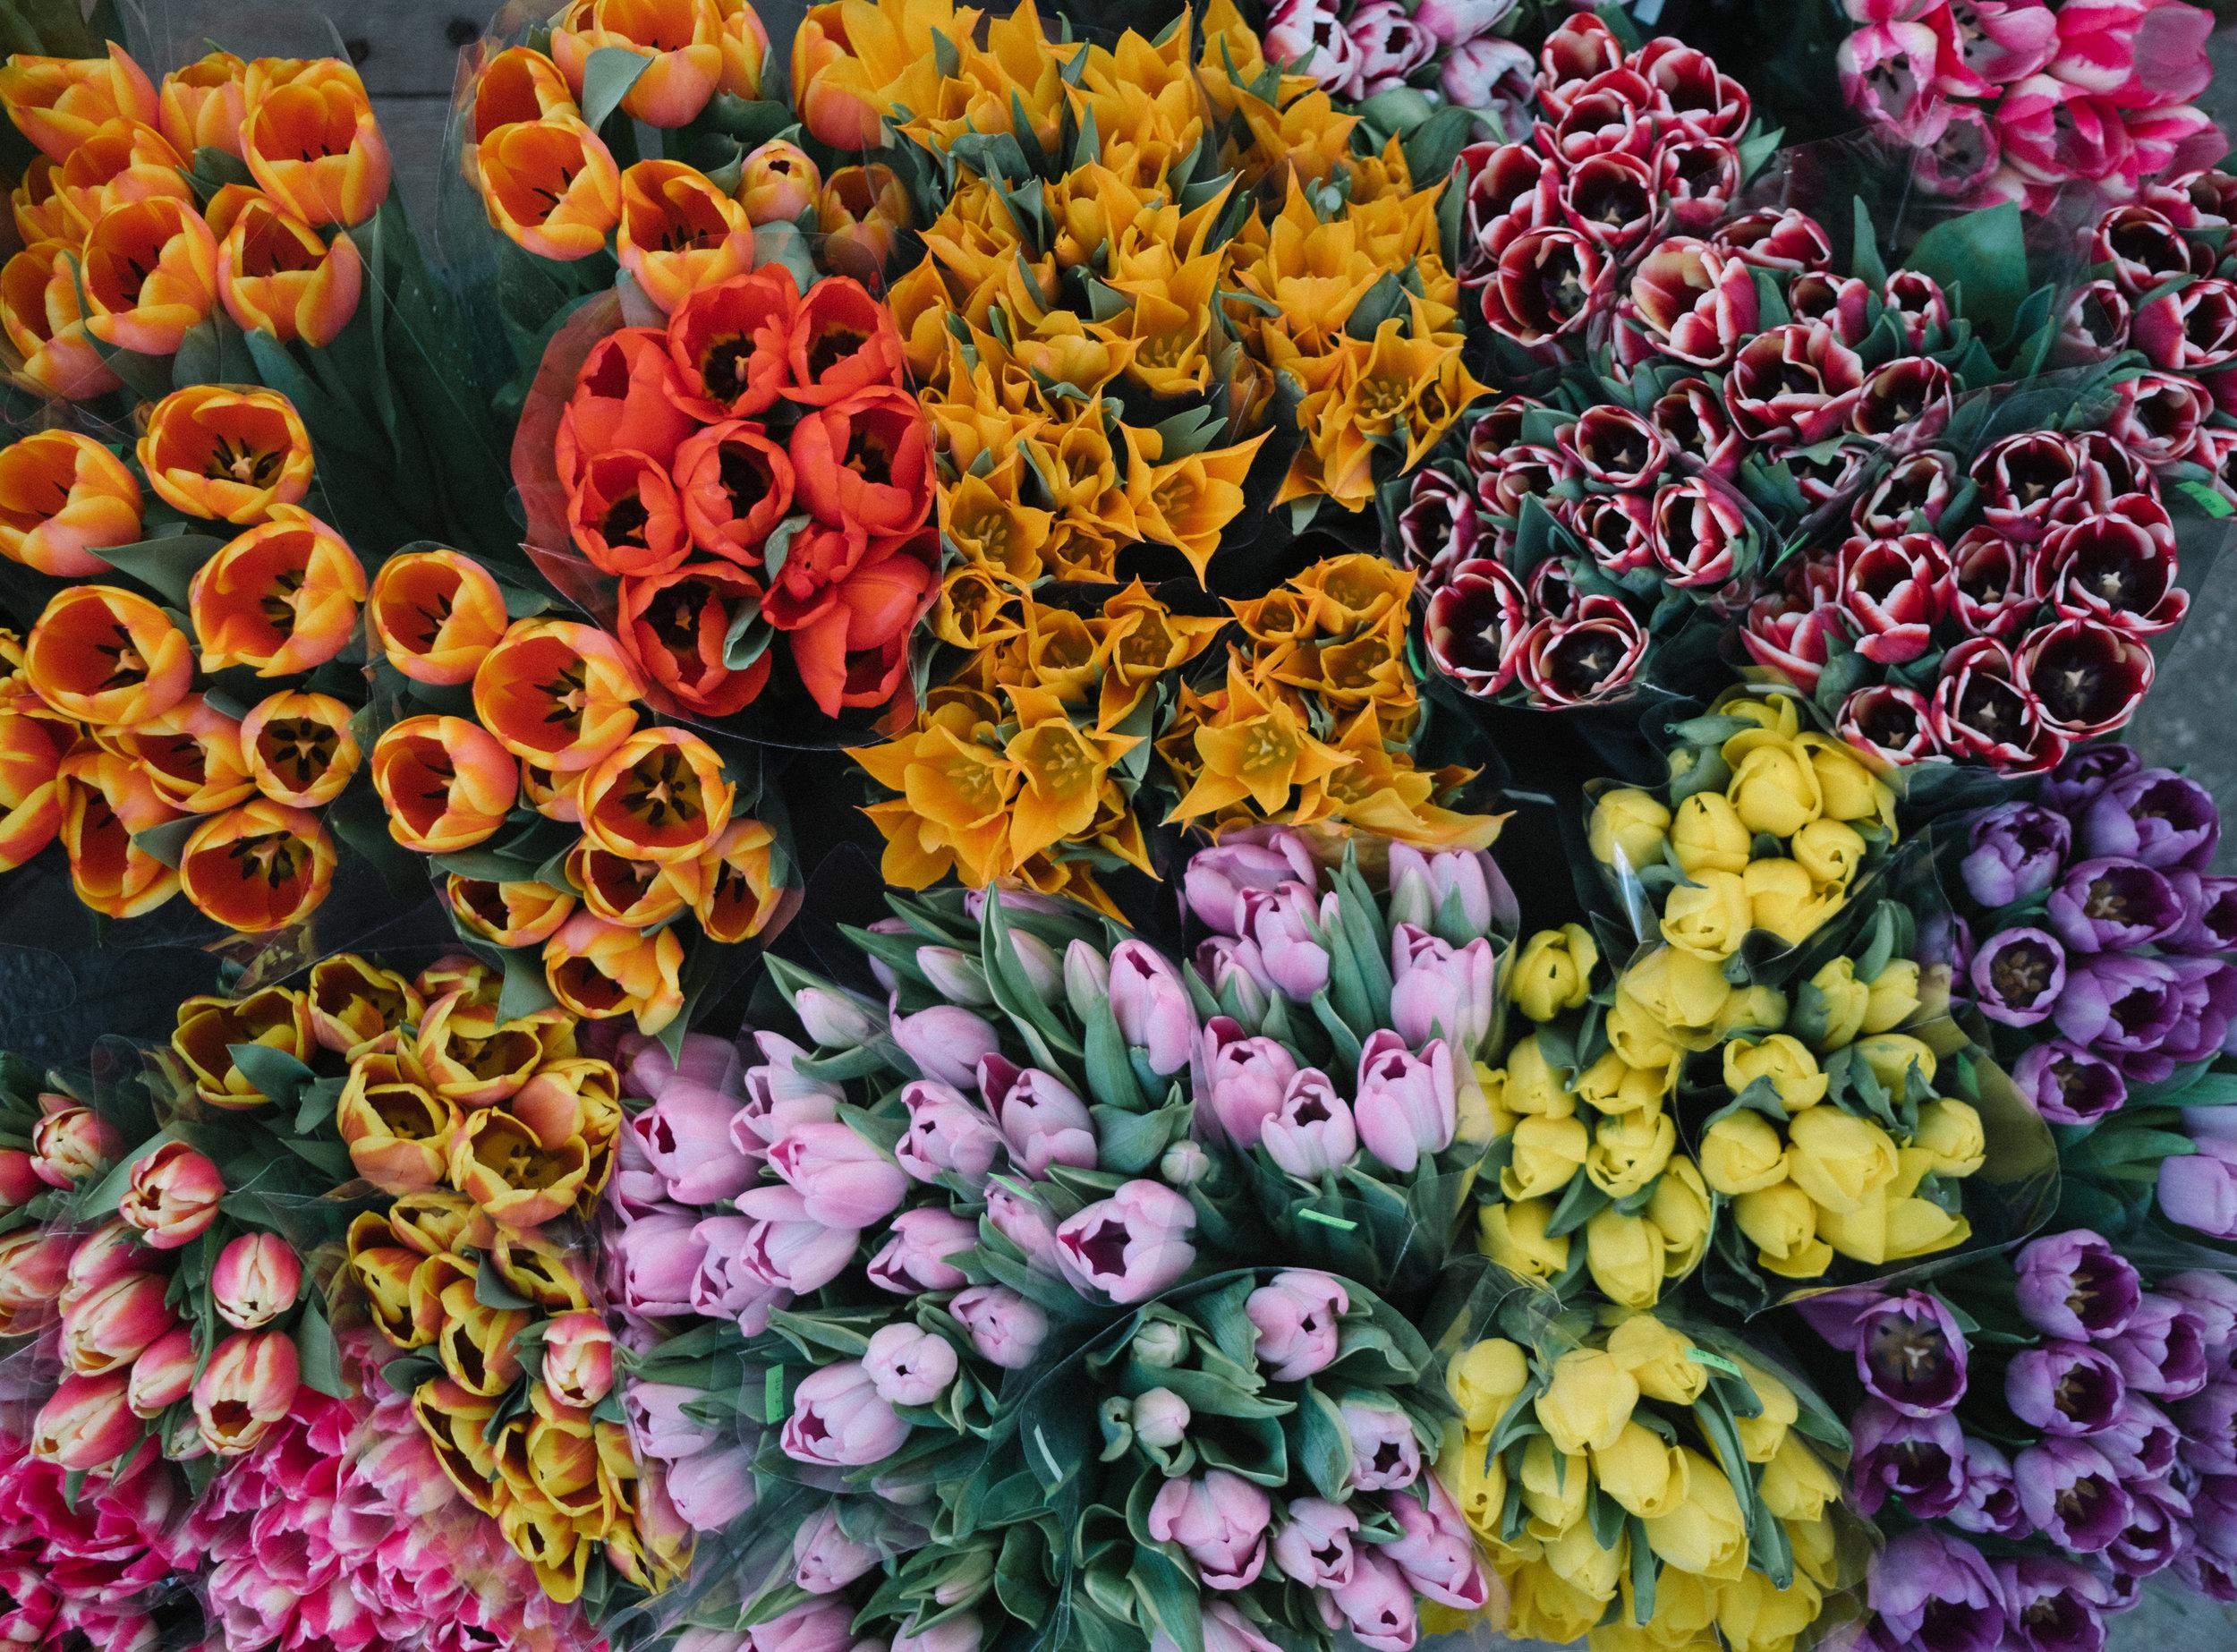 New York City Bodega Flowers